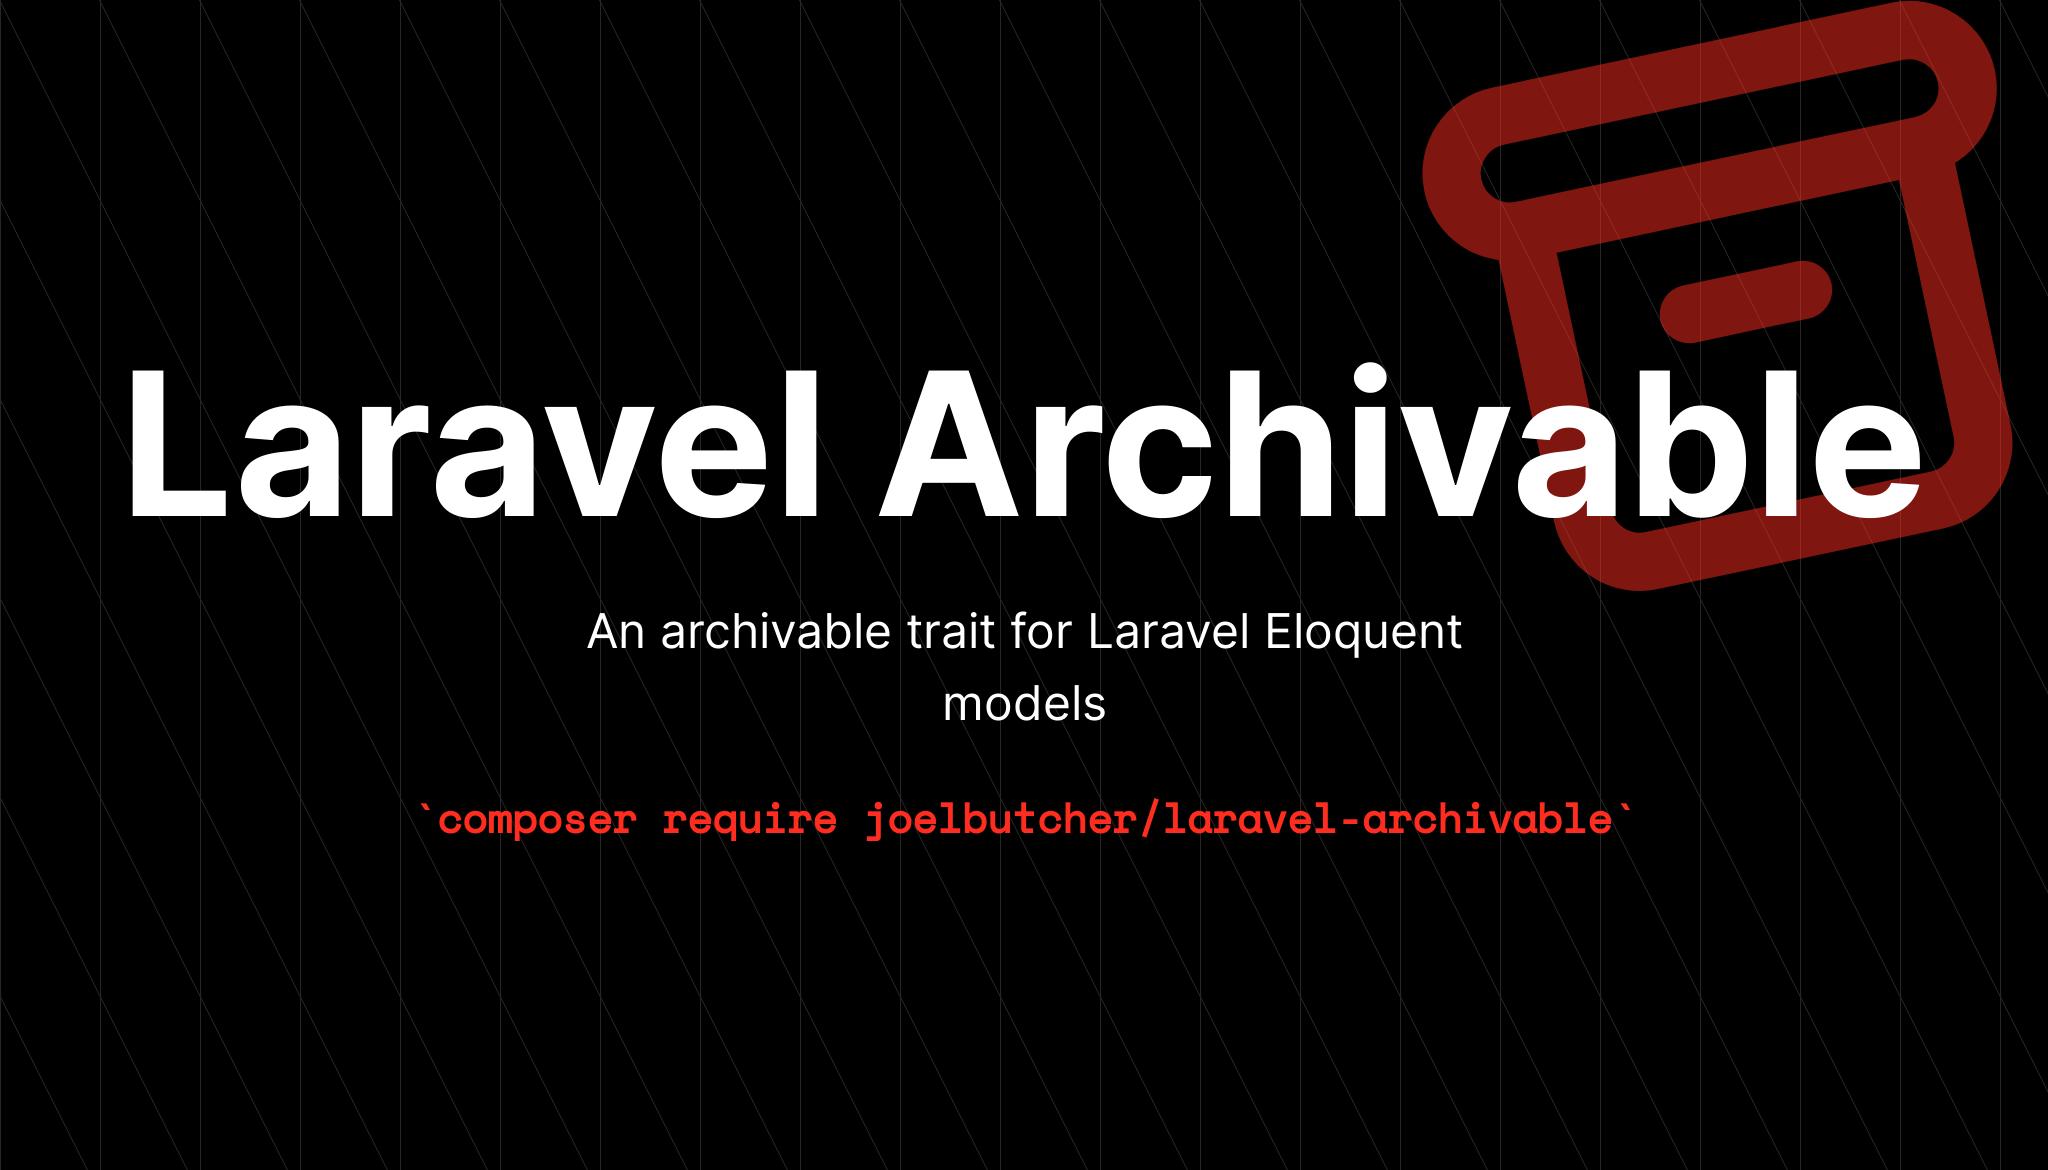 Laravel Archivable